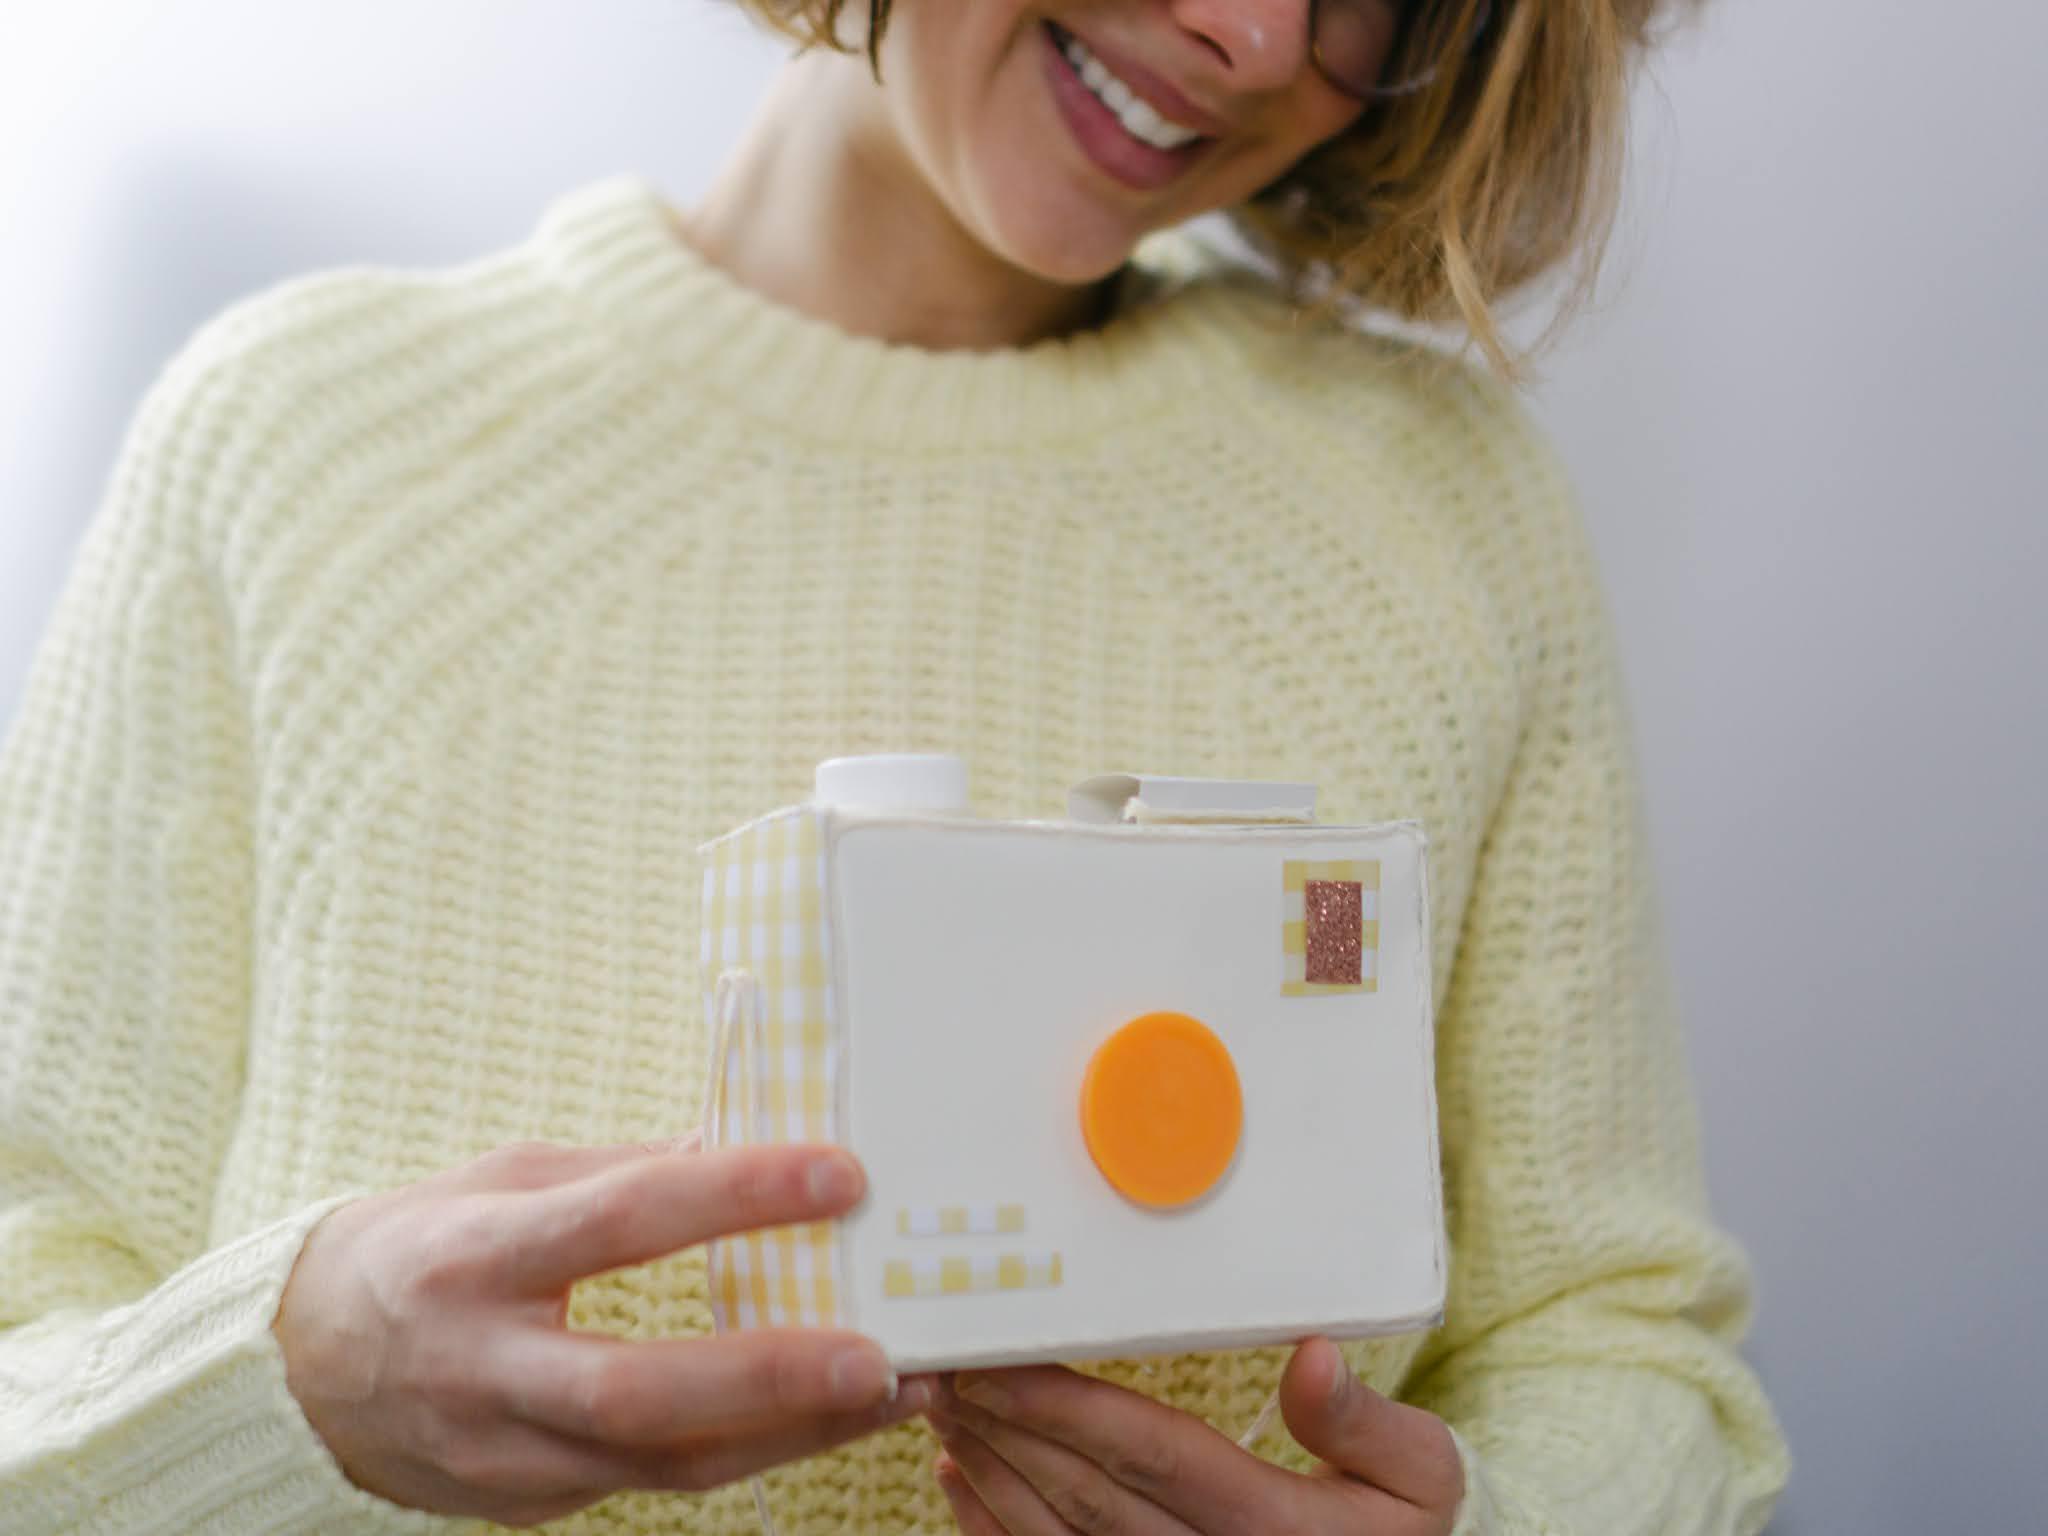 Use an empty granola bar box and DIY a cardboard camera